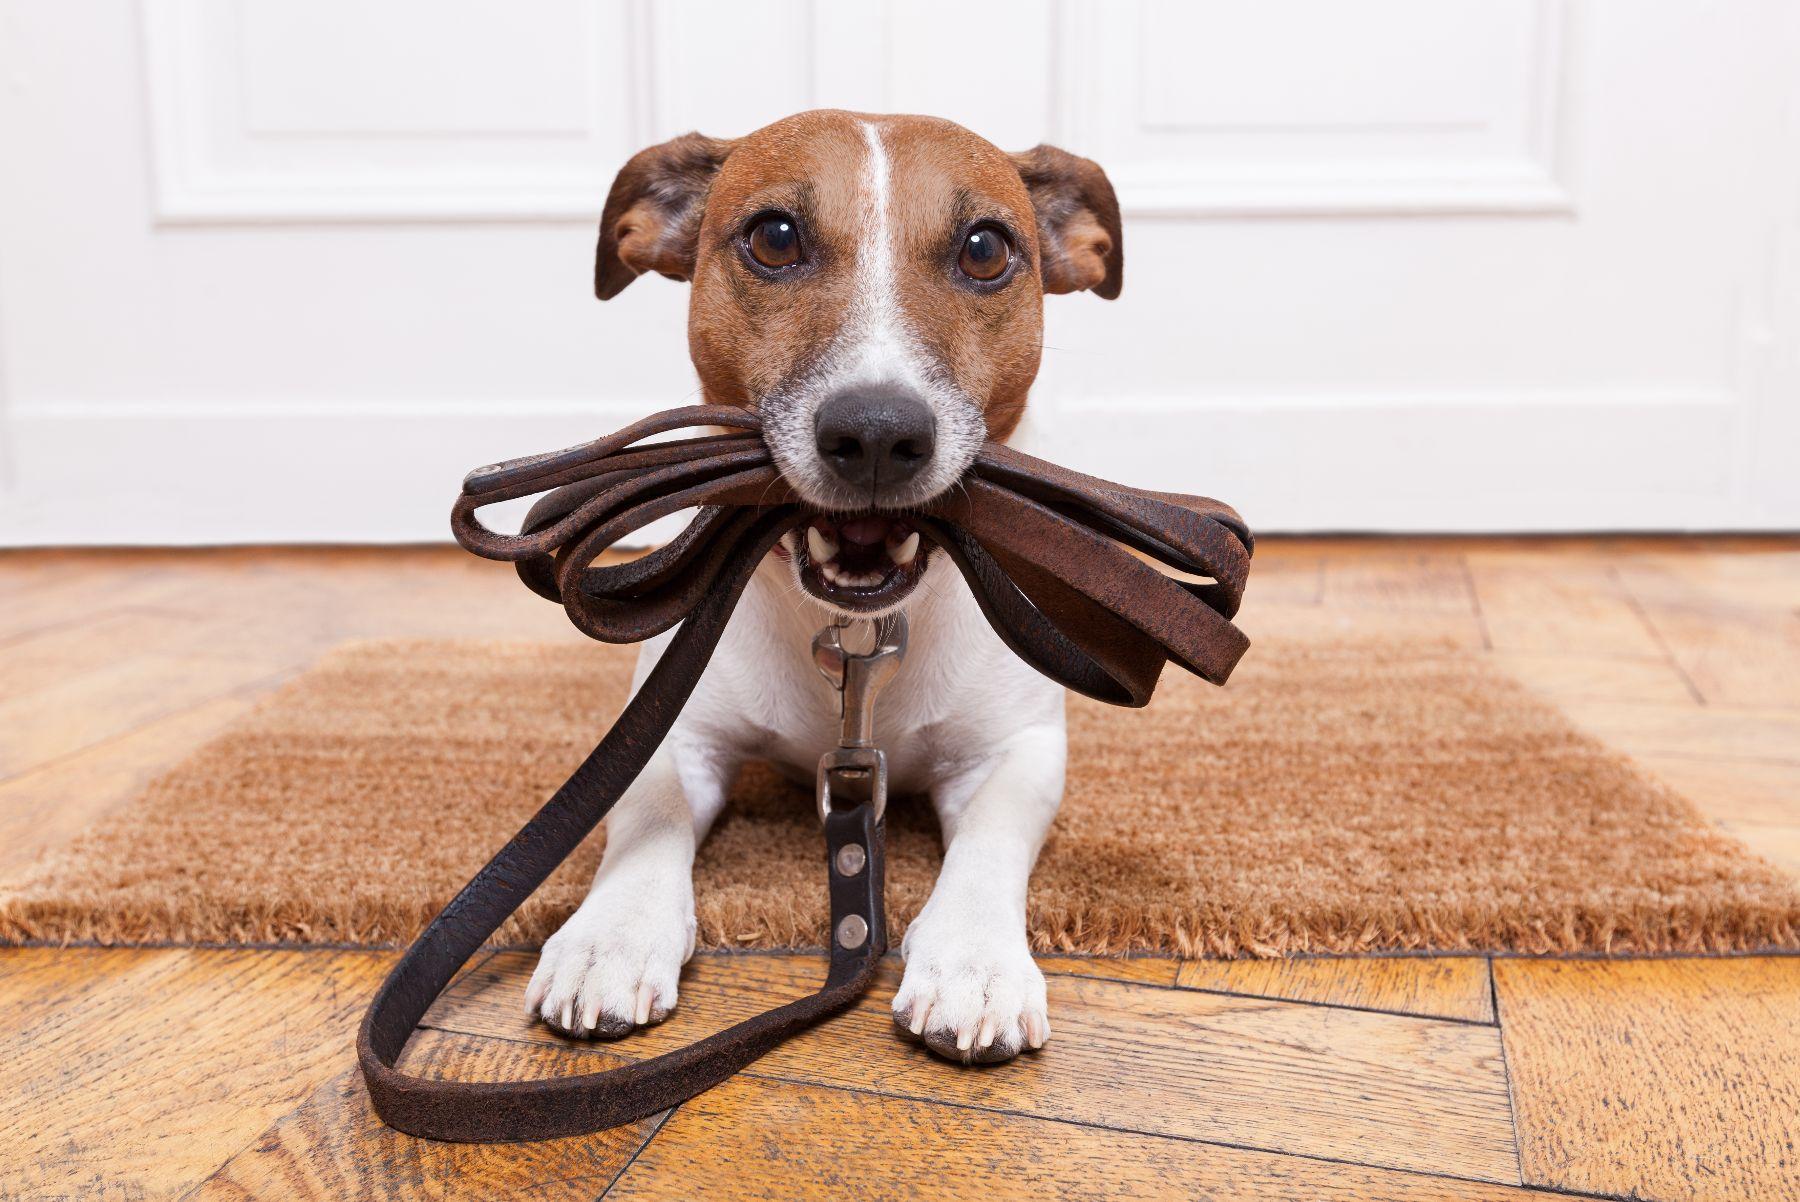 wyprawka dla psa - jaką wybrać?